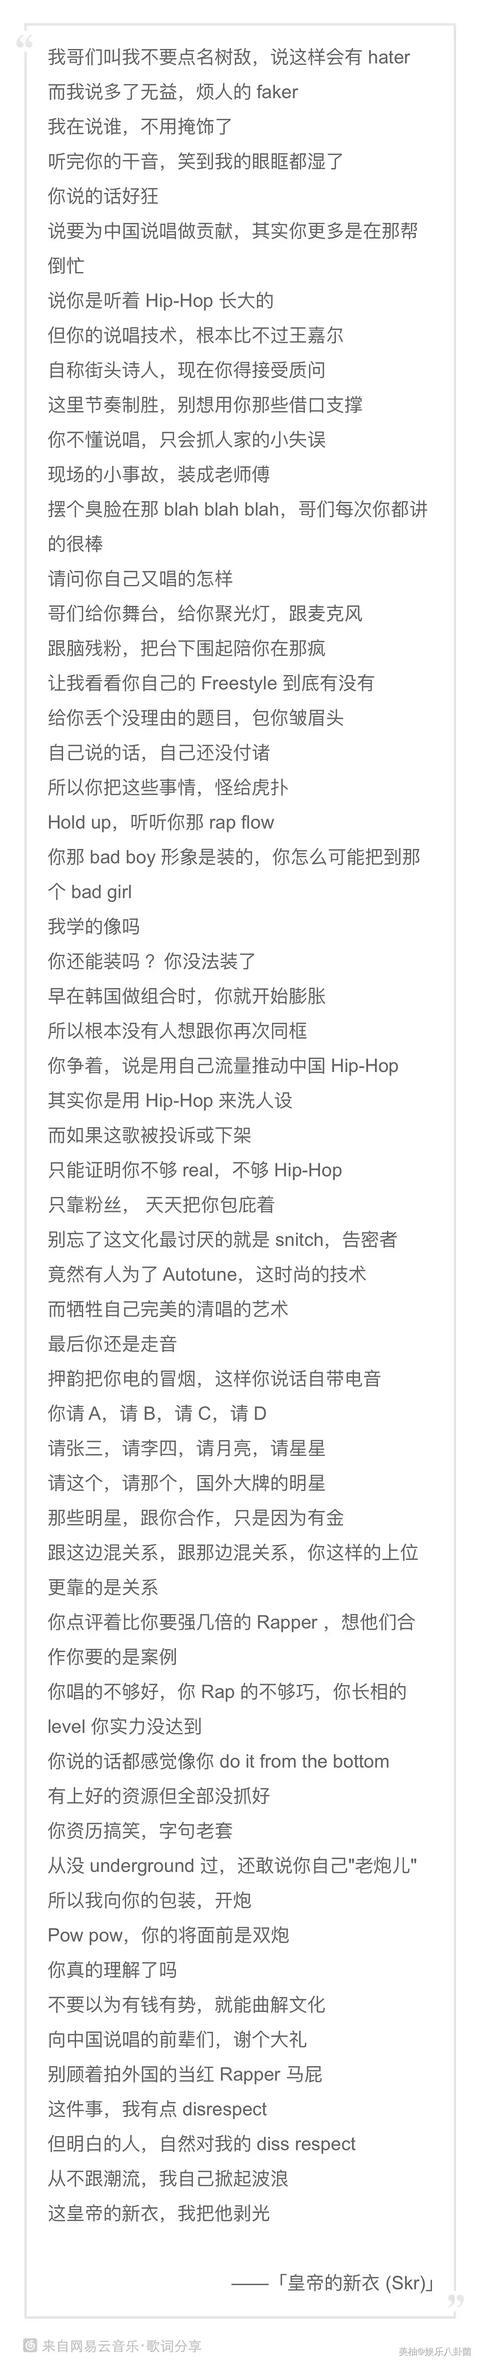 吴亦凡终于发歌回击,但被网友质疑抄袭!